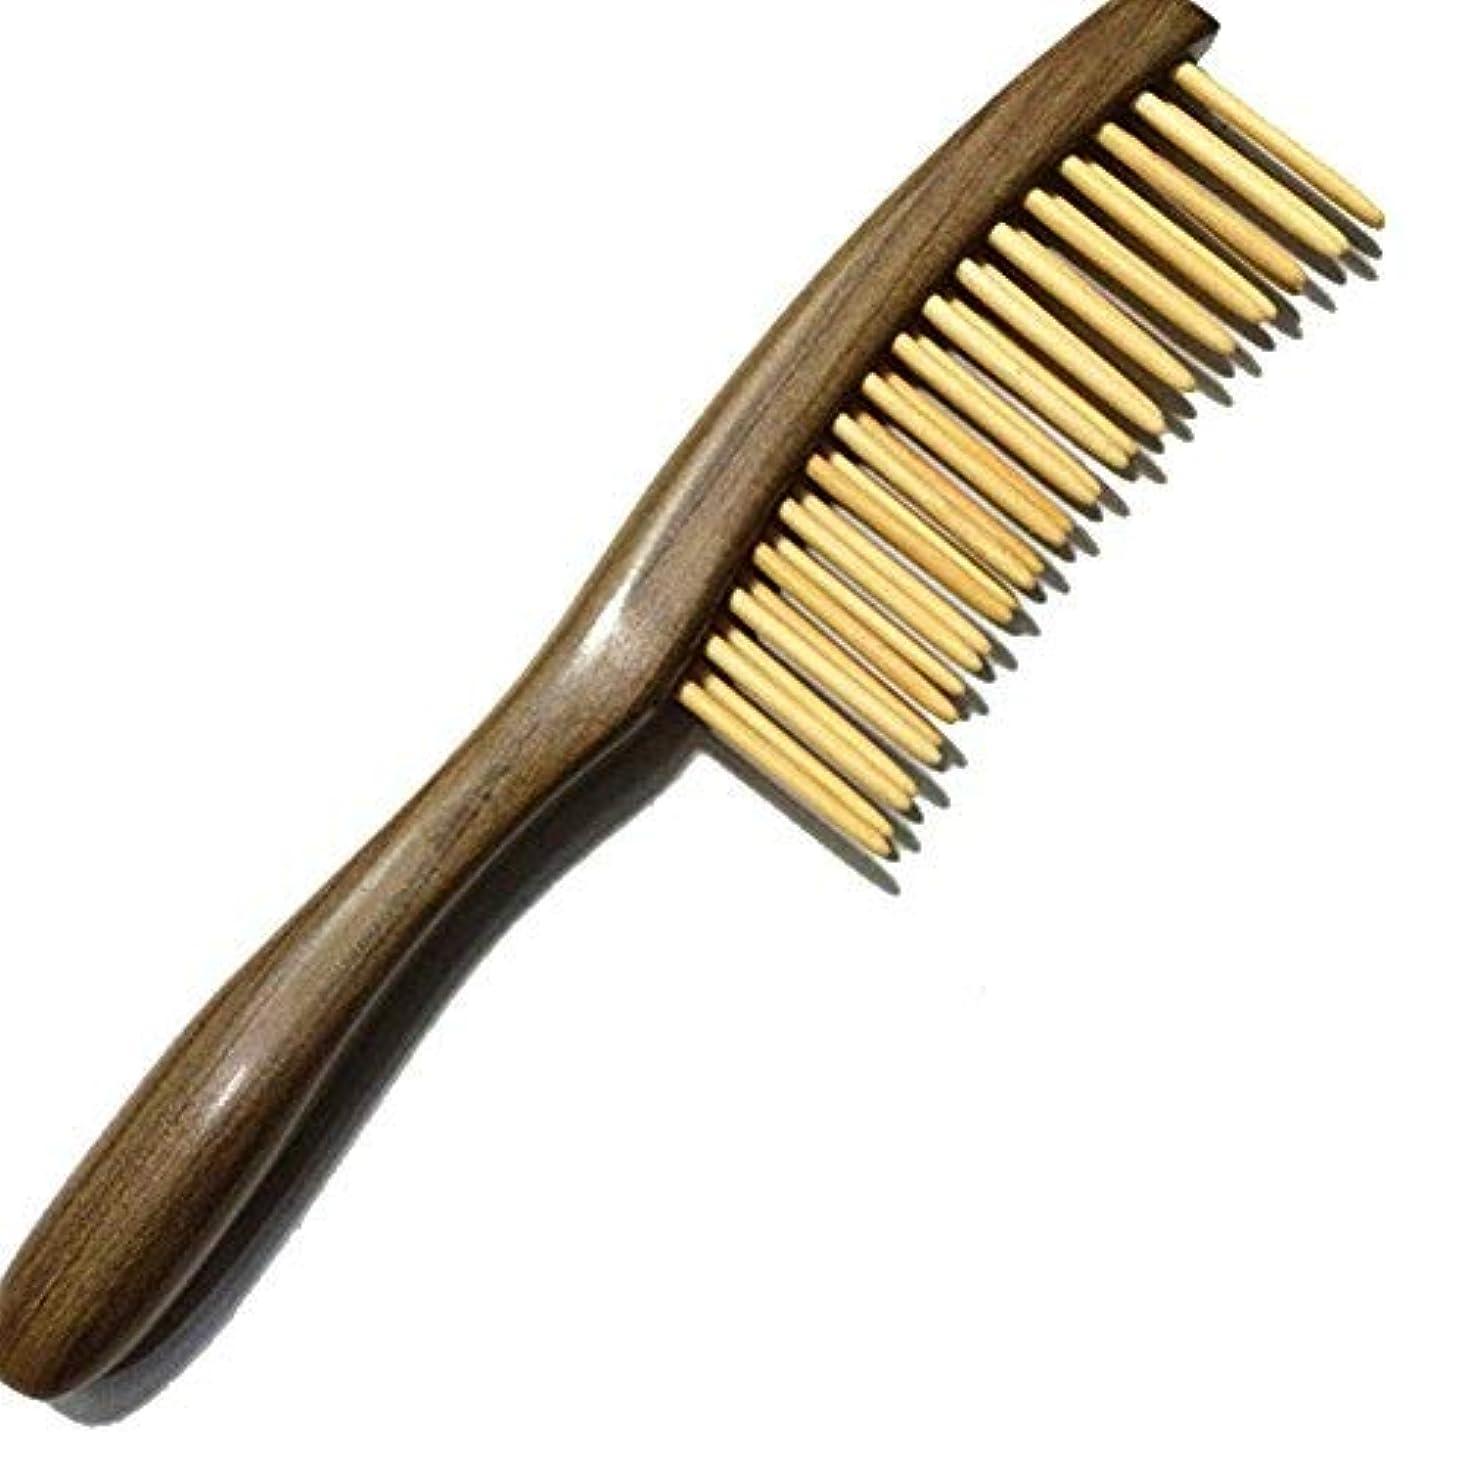 ロマンチック前述の側溝Fitlyiee Double Rows Teeth Sandalwood Hair Comb Anti-Static Handmade Wide Tooth Wooden Comb [並行輸入品]